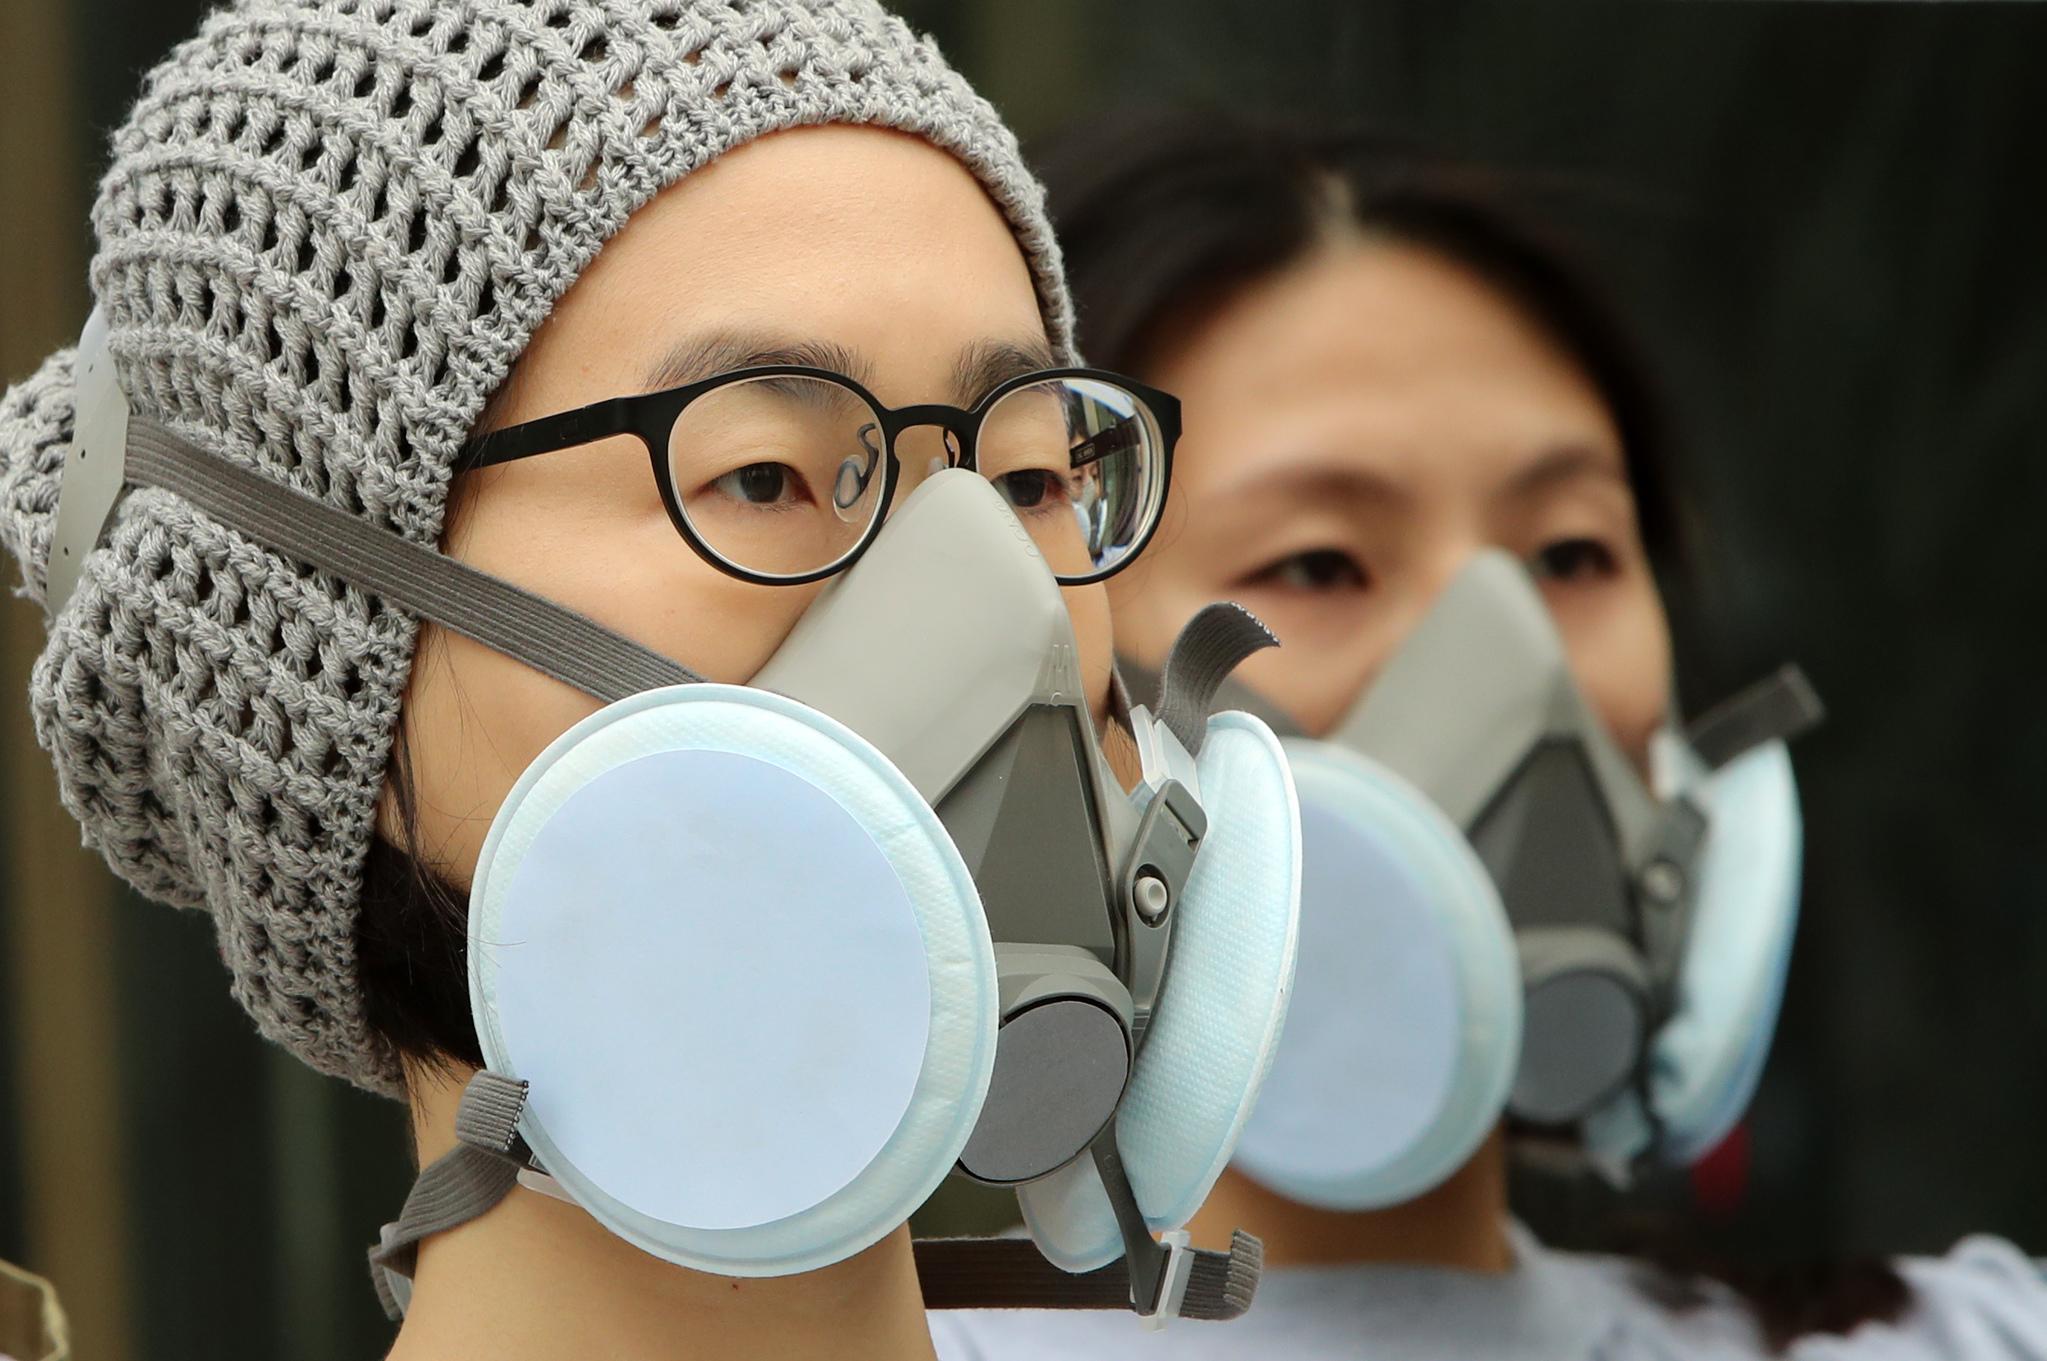 전국의 미세먼지 농도가 '나쁨'을 기록한 20일 서울 청계광장에서 열린 (사)환경정의 개최 미세먼지정책제안캠페인에서 행사참석자들이 방진 마스크를 착용하고 피켓시위를 하고 있다.조문규 기자